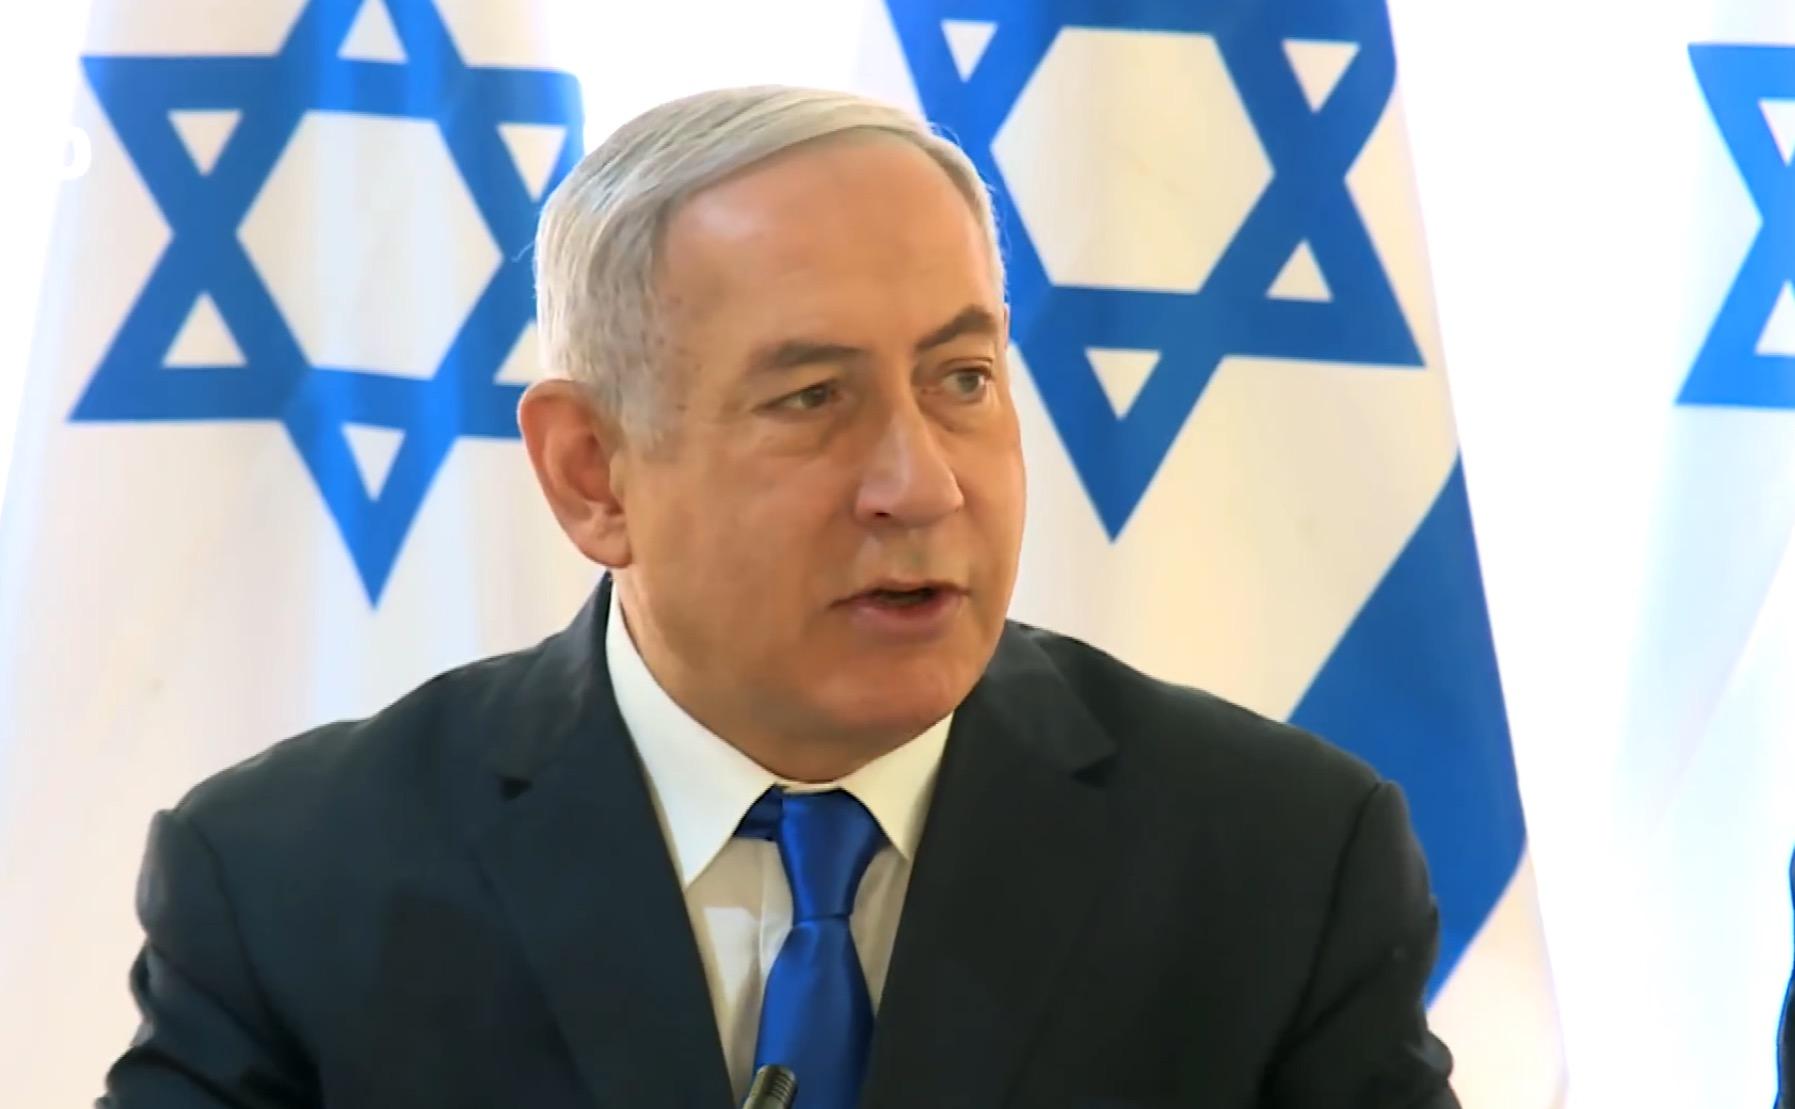 A kabinet jóváhagyta a Jordán-völgybeli Mevo'ot Jericho legalizálásának folyamatát